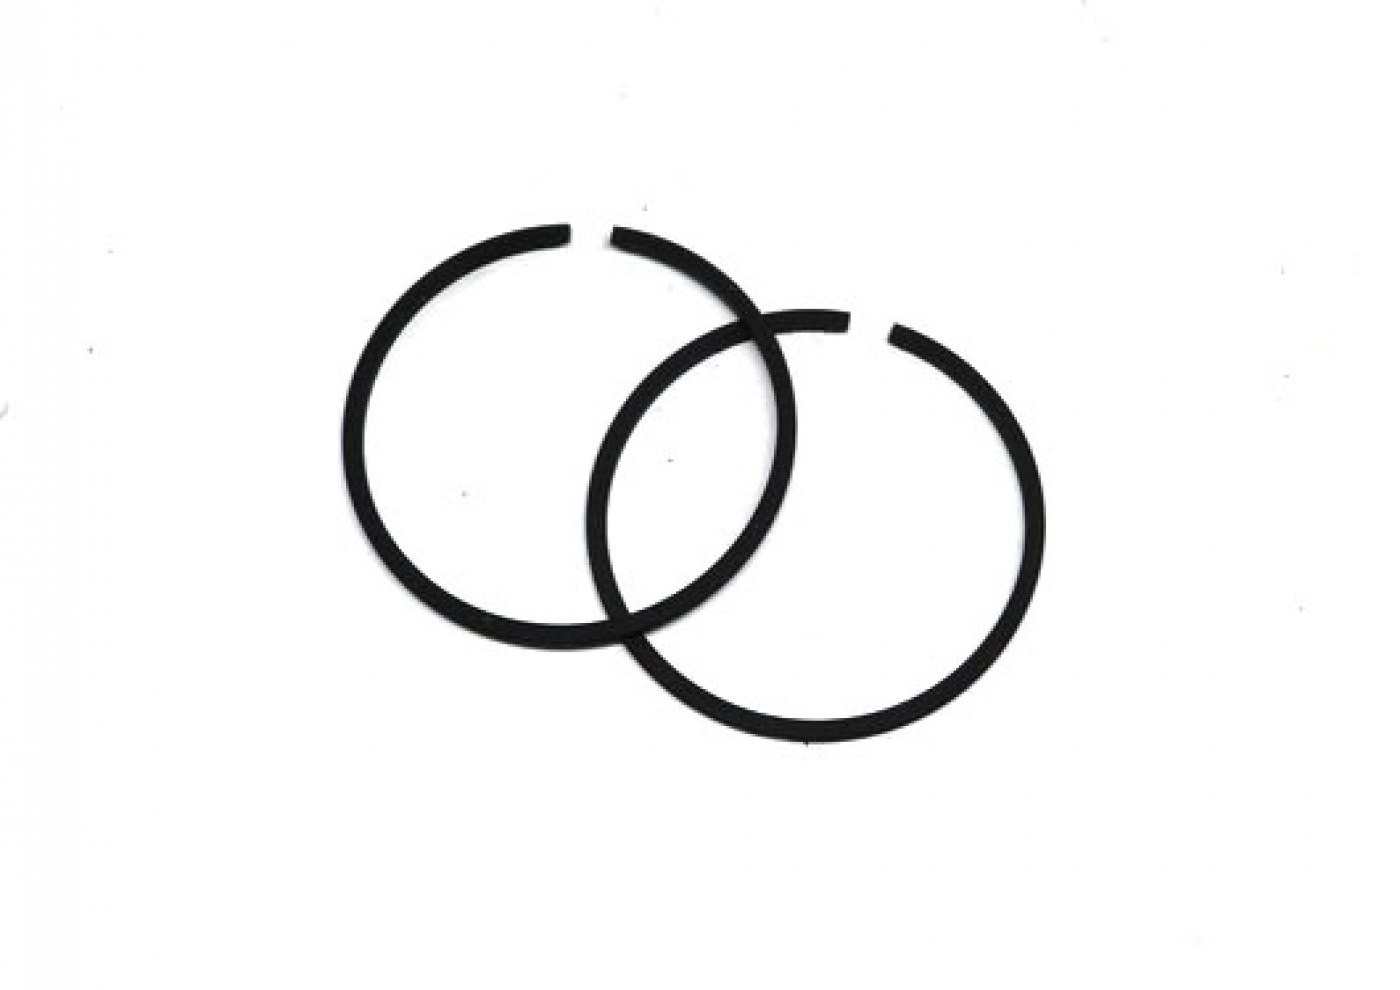 Sada pístních kroužků - 40 mm